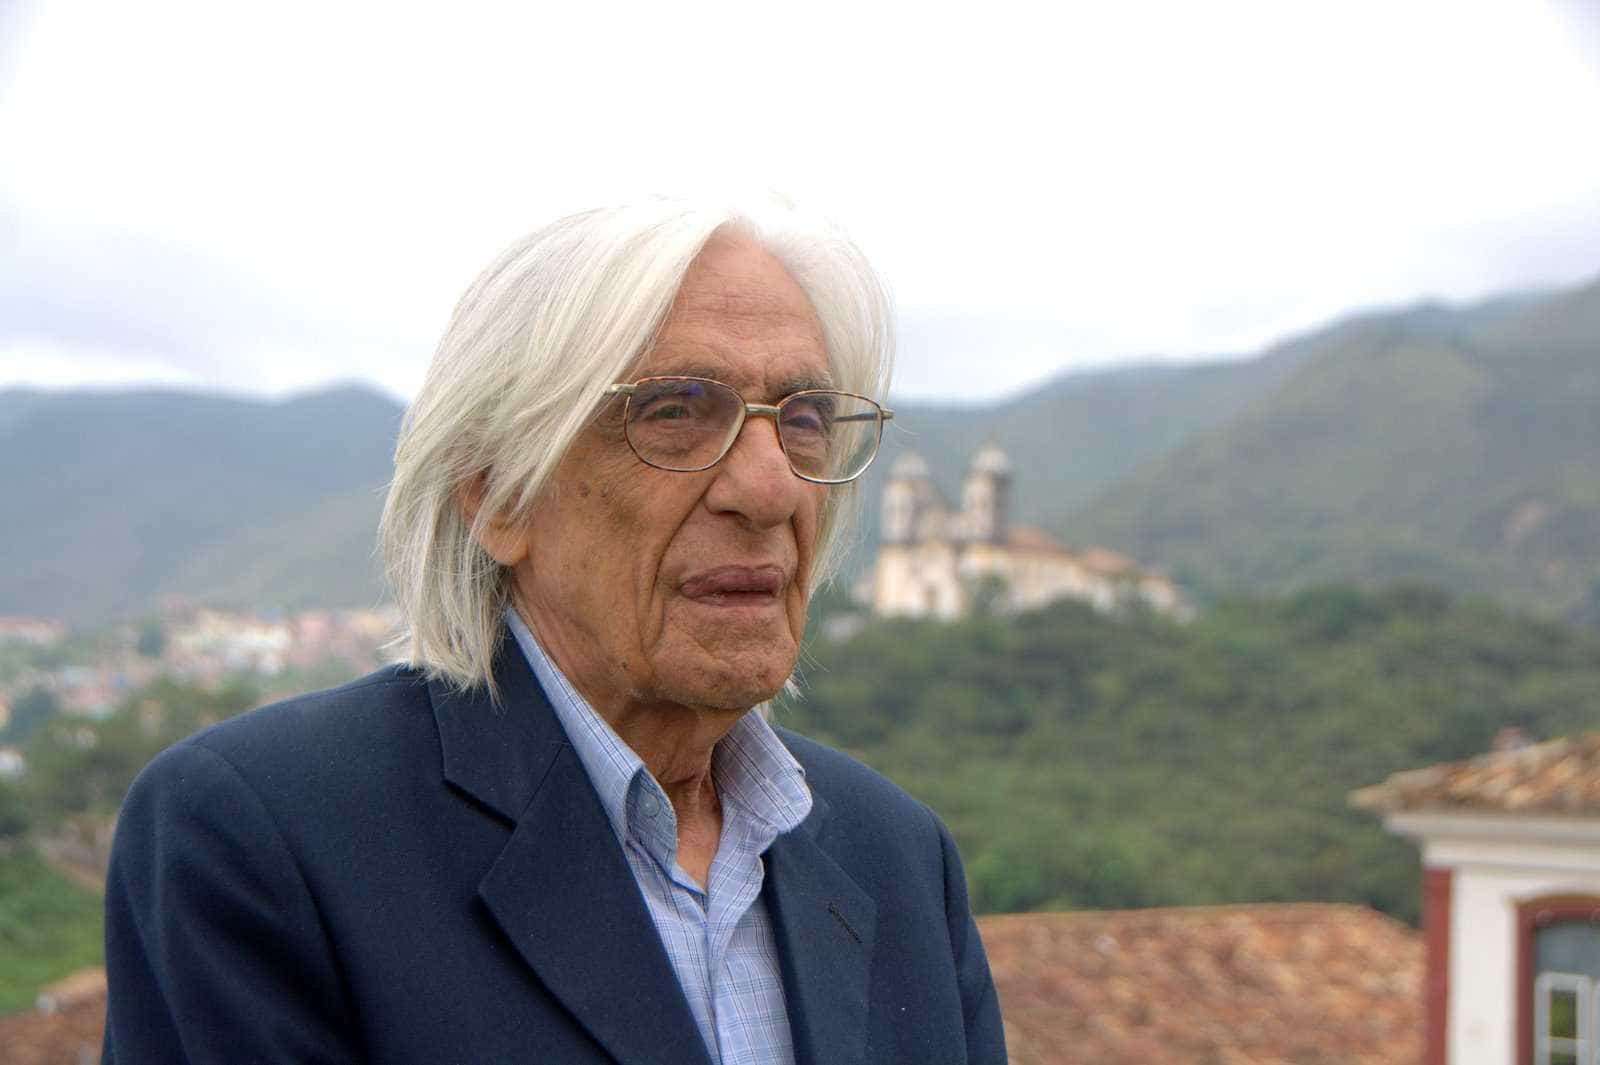 Galeria de São Paulo expõe relevos em papel de Ferreira Gullar